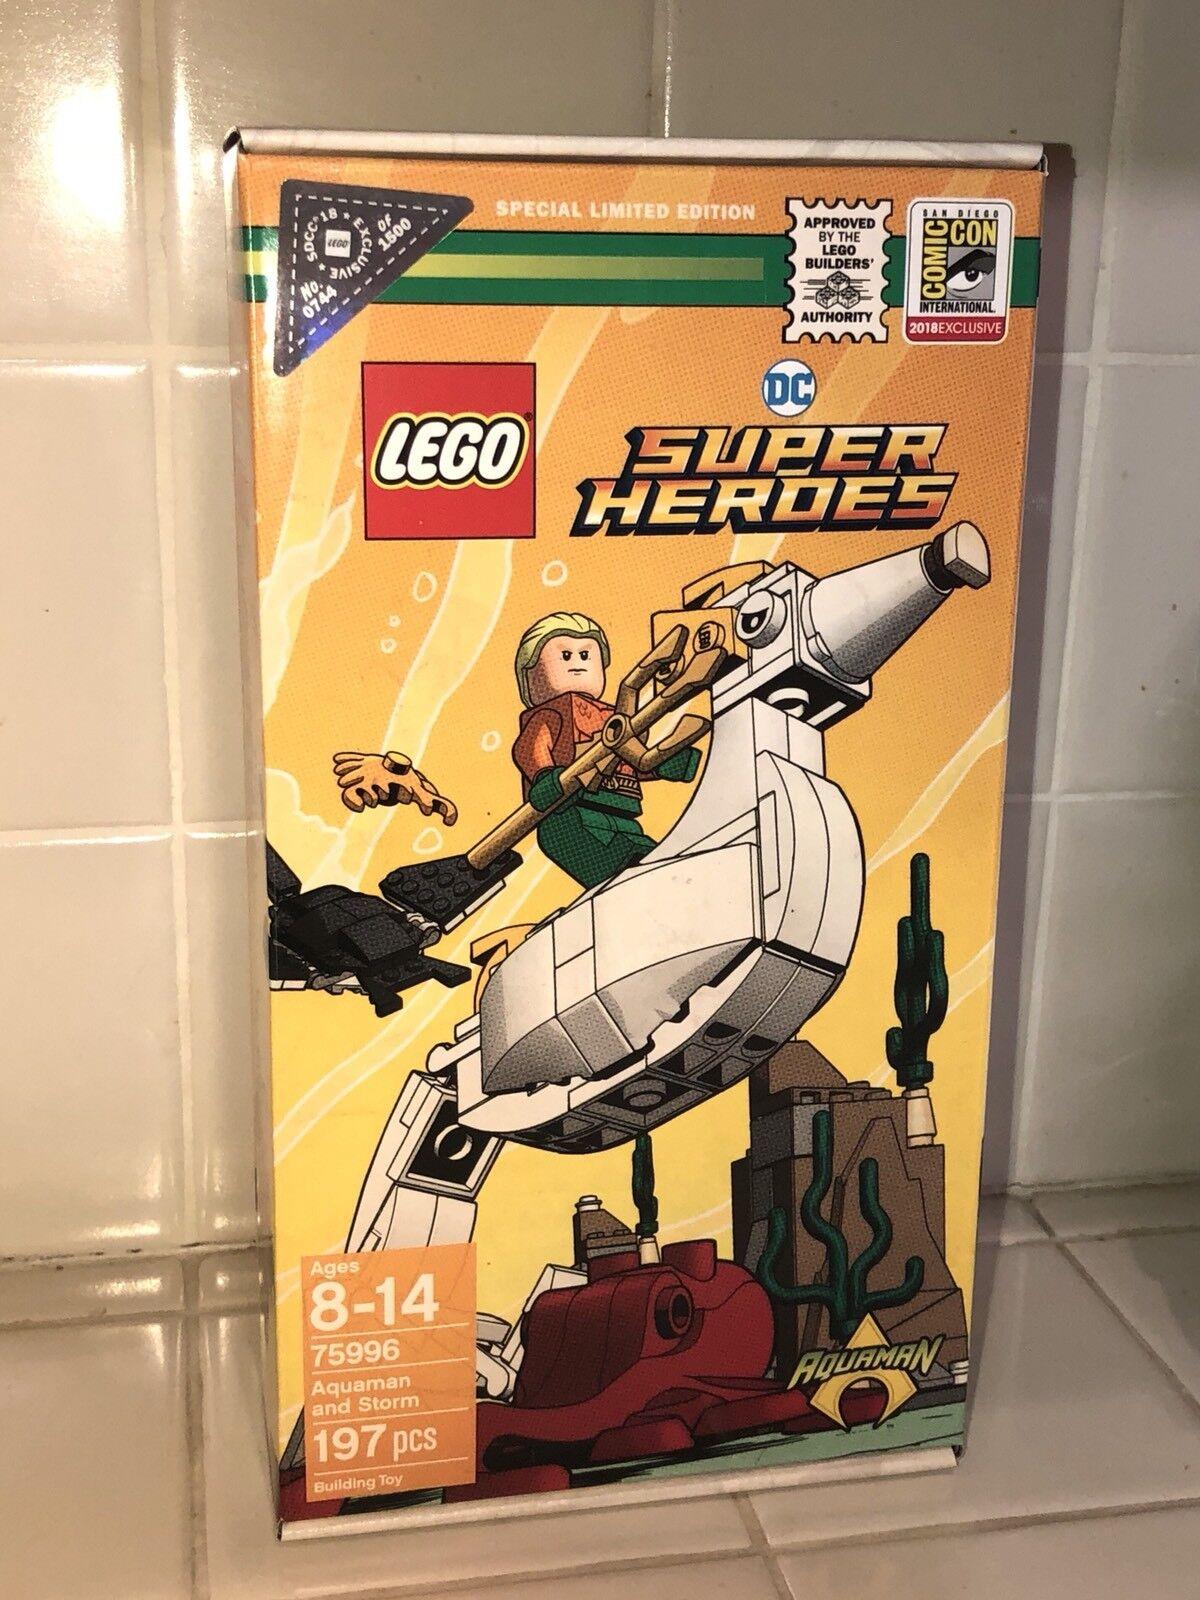 2018 SDCC EXCLUSIVE LEGO DC SUPER HEROES AQUAMAN AND STORM SET 1500 PCS RARE